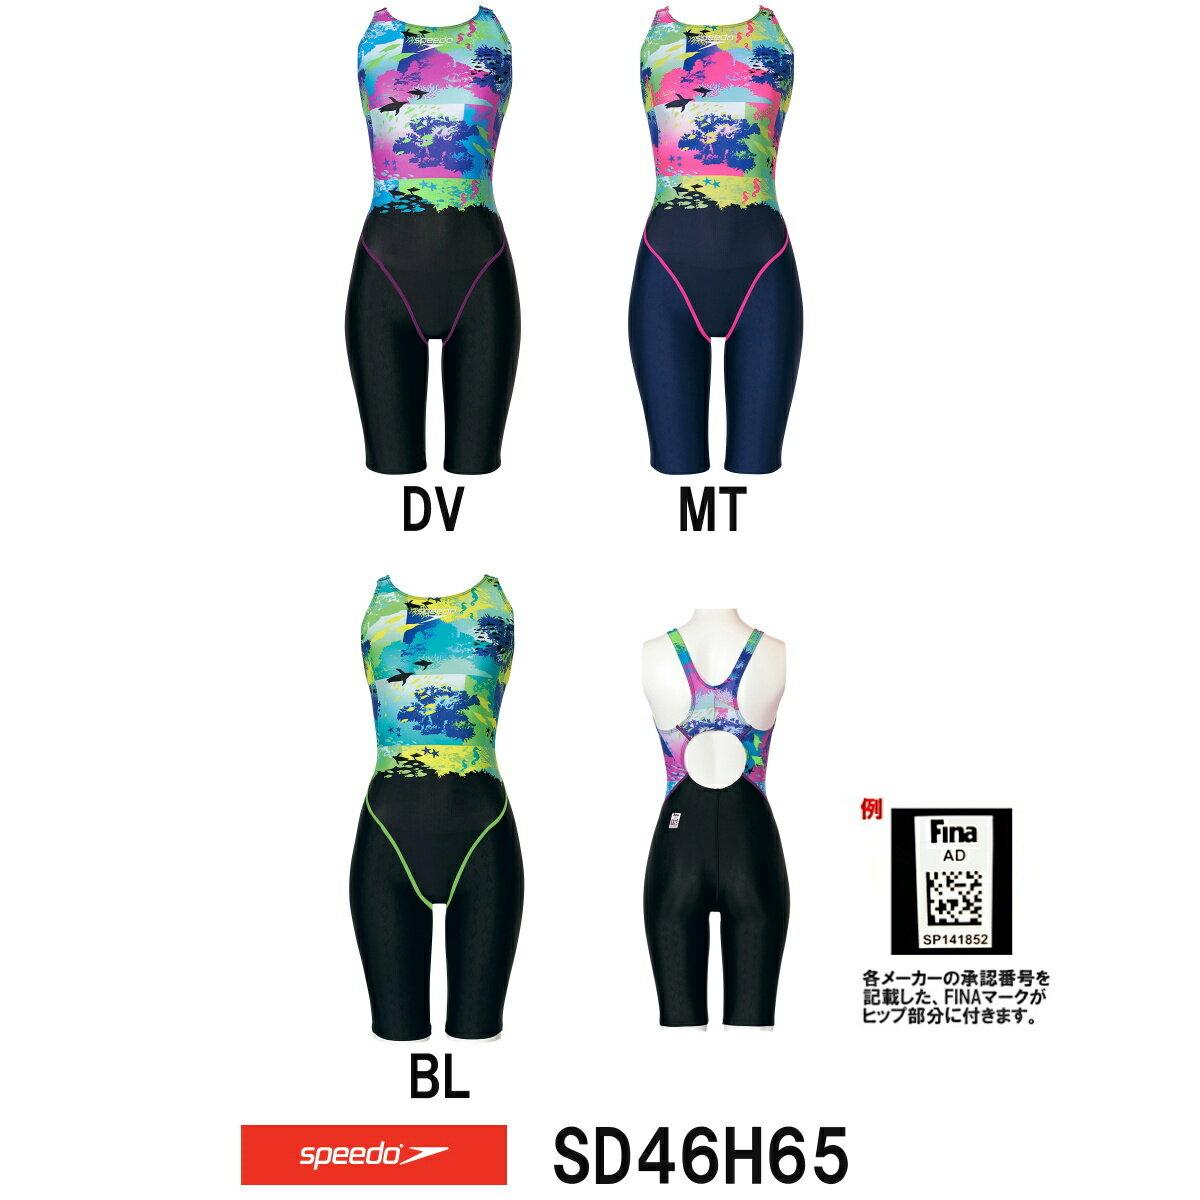 【SD46H65】SPEEDO(スピード)レディース競泳水着FLEXΣウイメンズセミオープンバックニースキン8